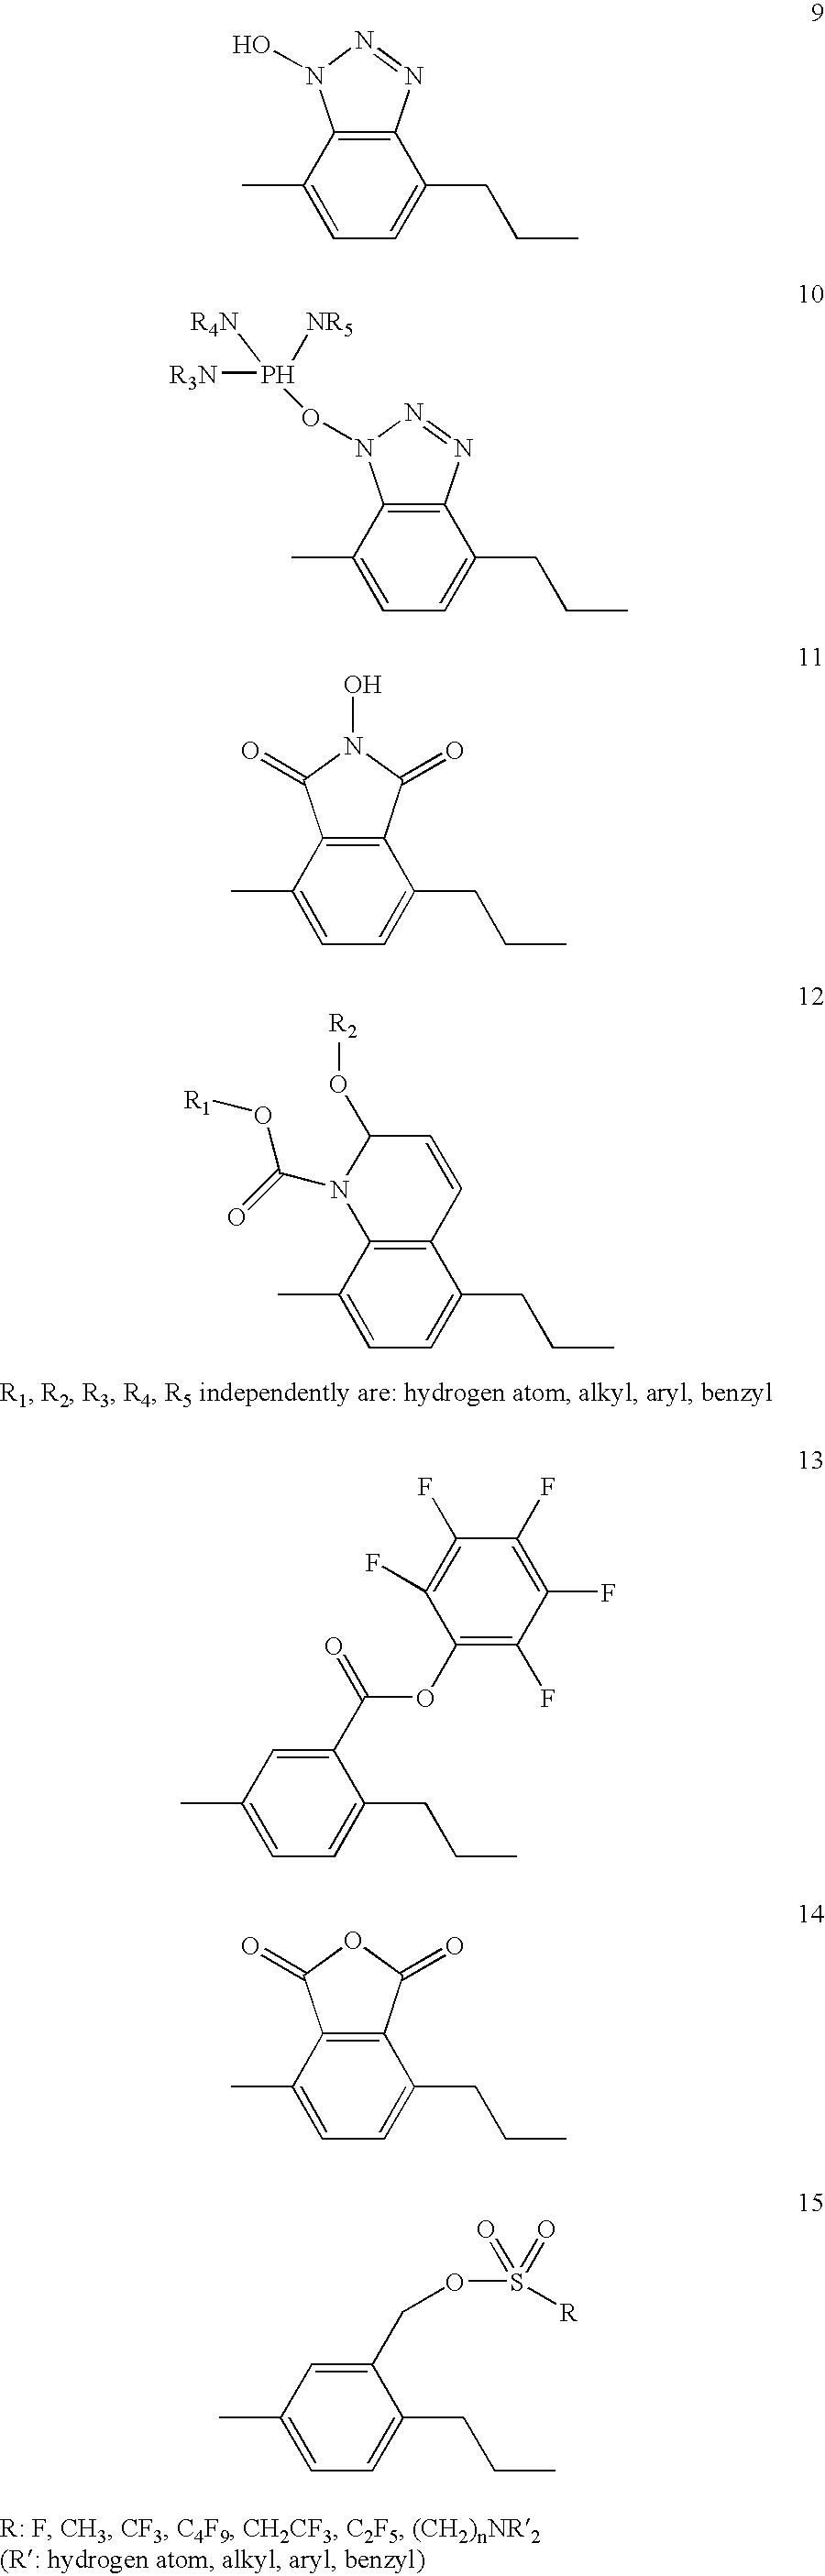 Figure US06977138-20051220-C00006